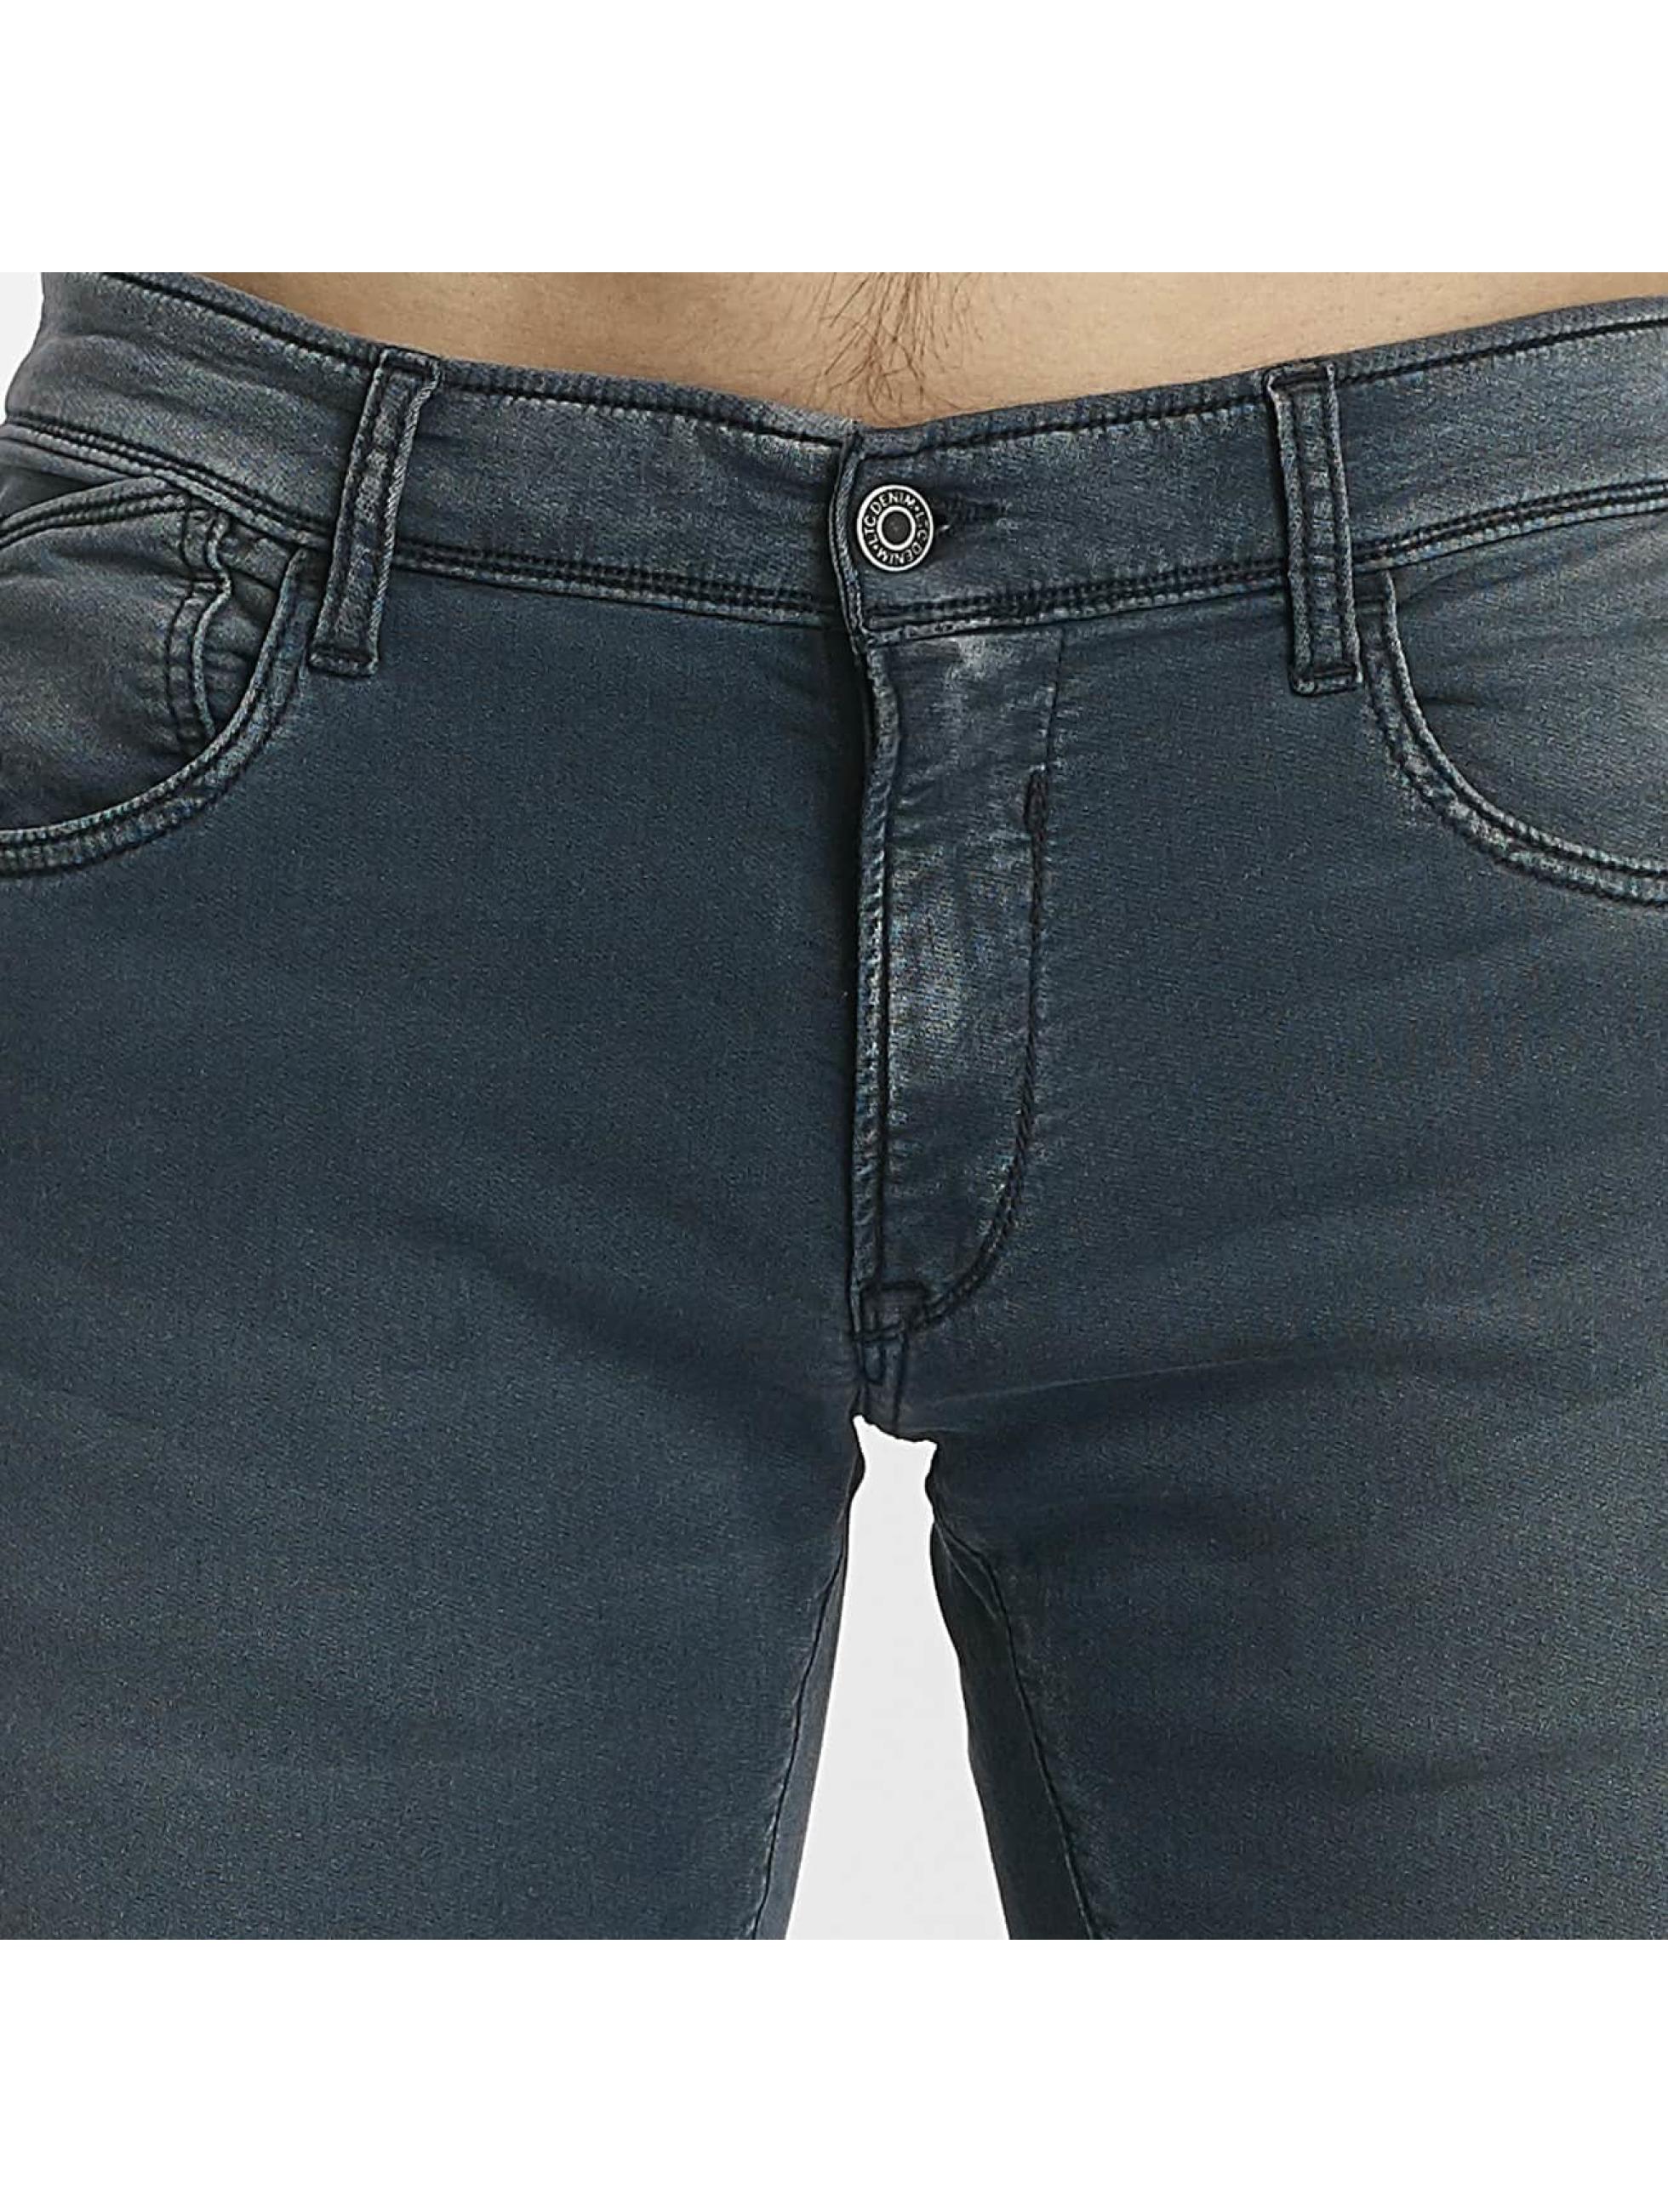 Le Temps Des Cerises Slim Fit Jeans 700/11 Jogg grijs